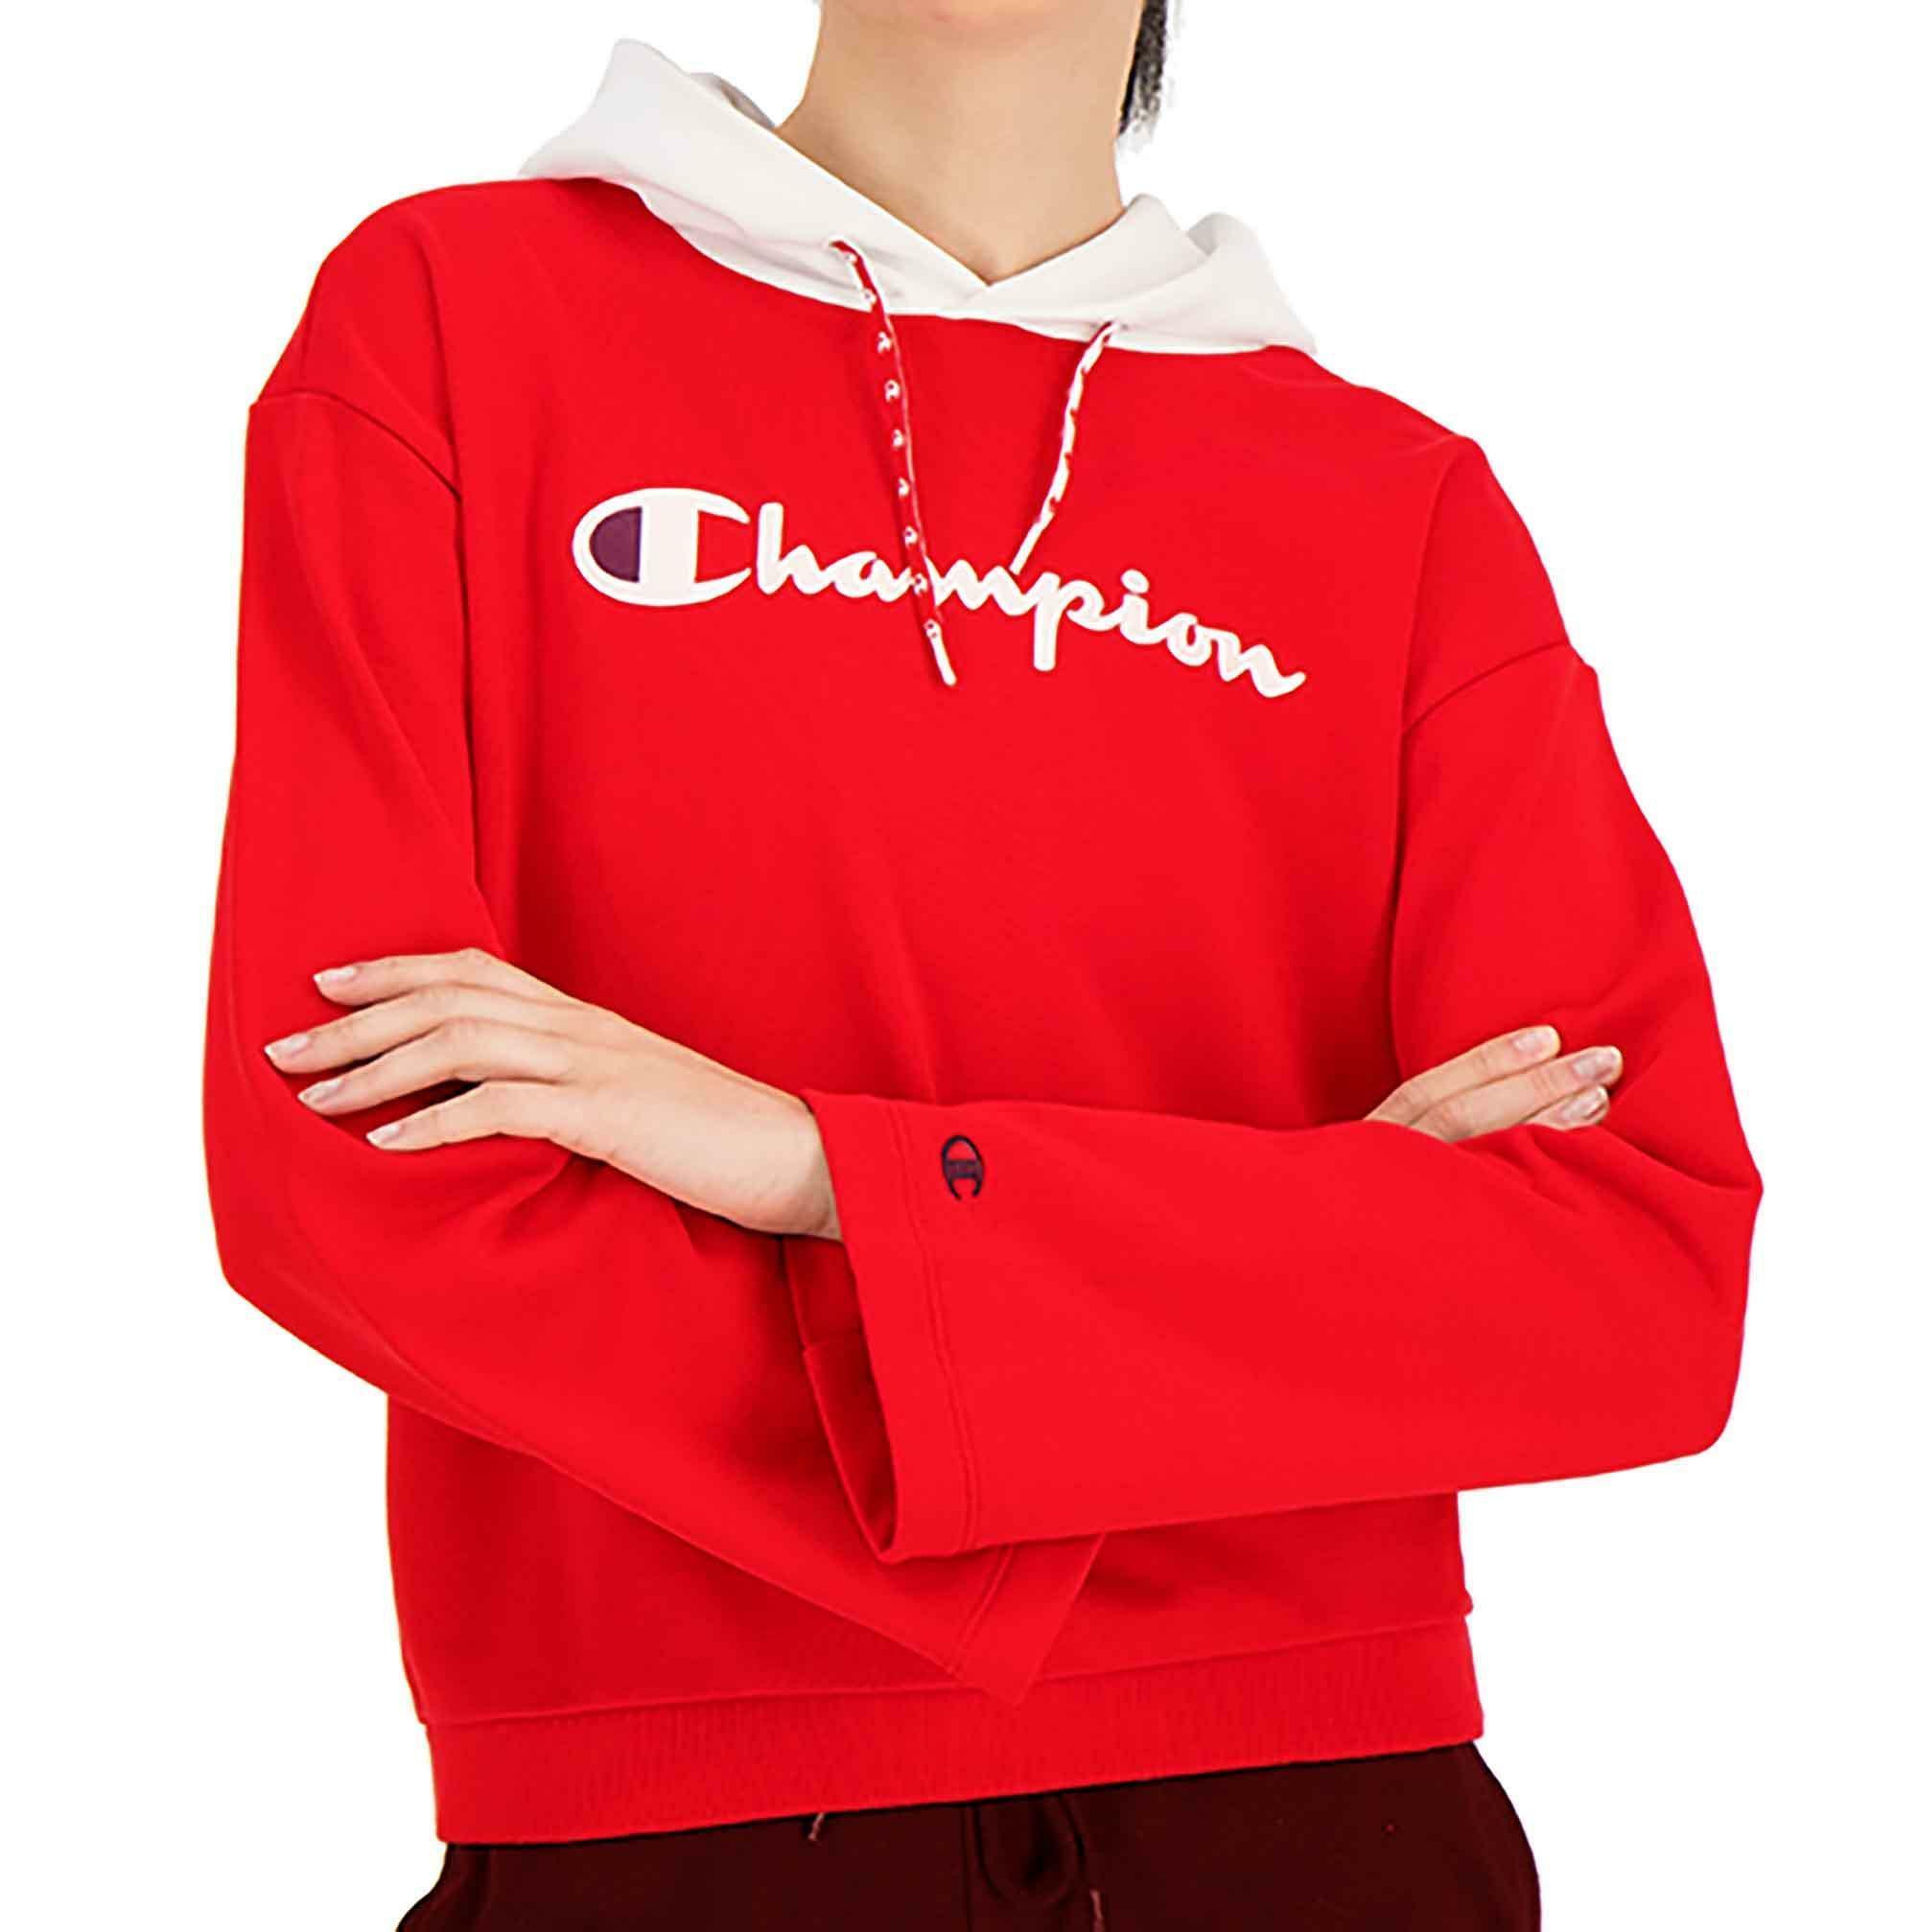 1741809a42db93 Champion felpa con cappuccio donna rossa 111299rs010